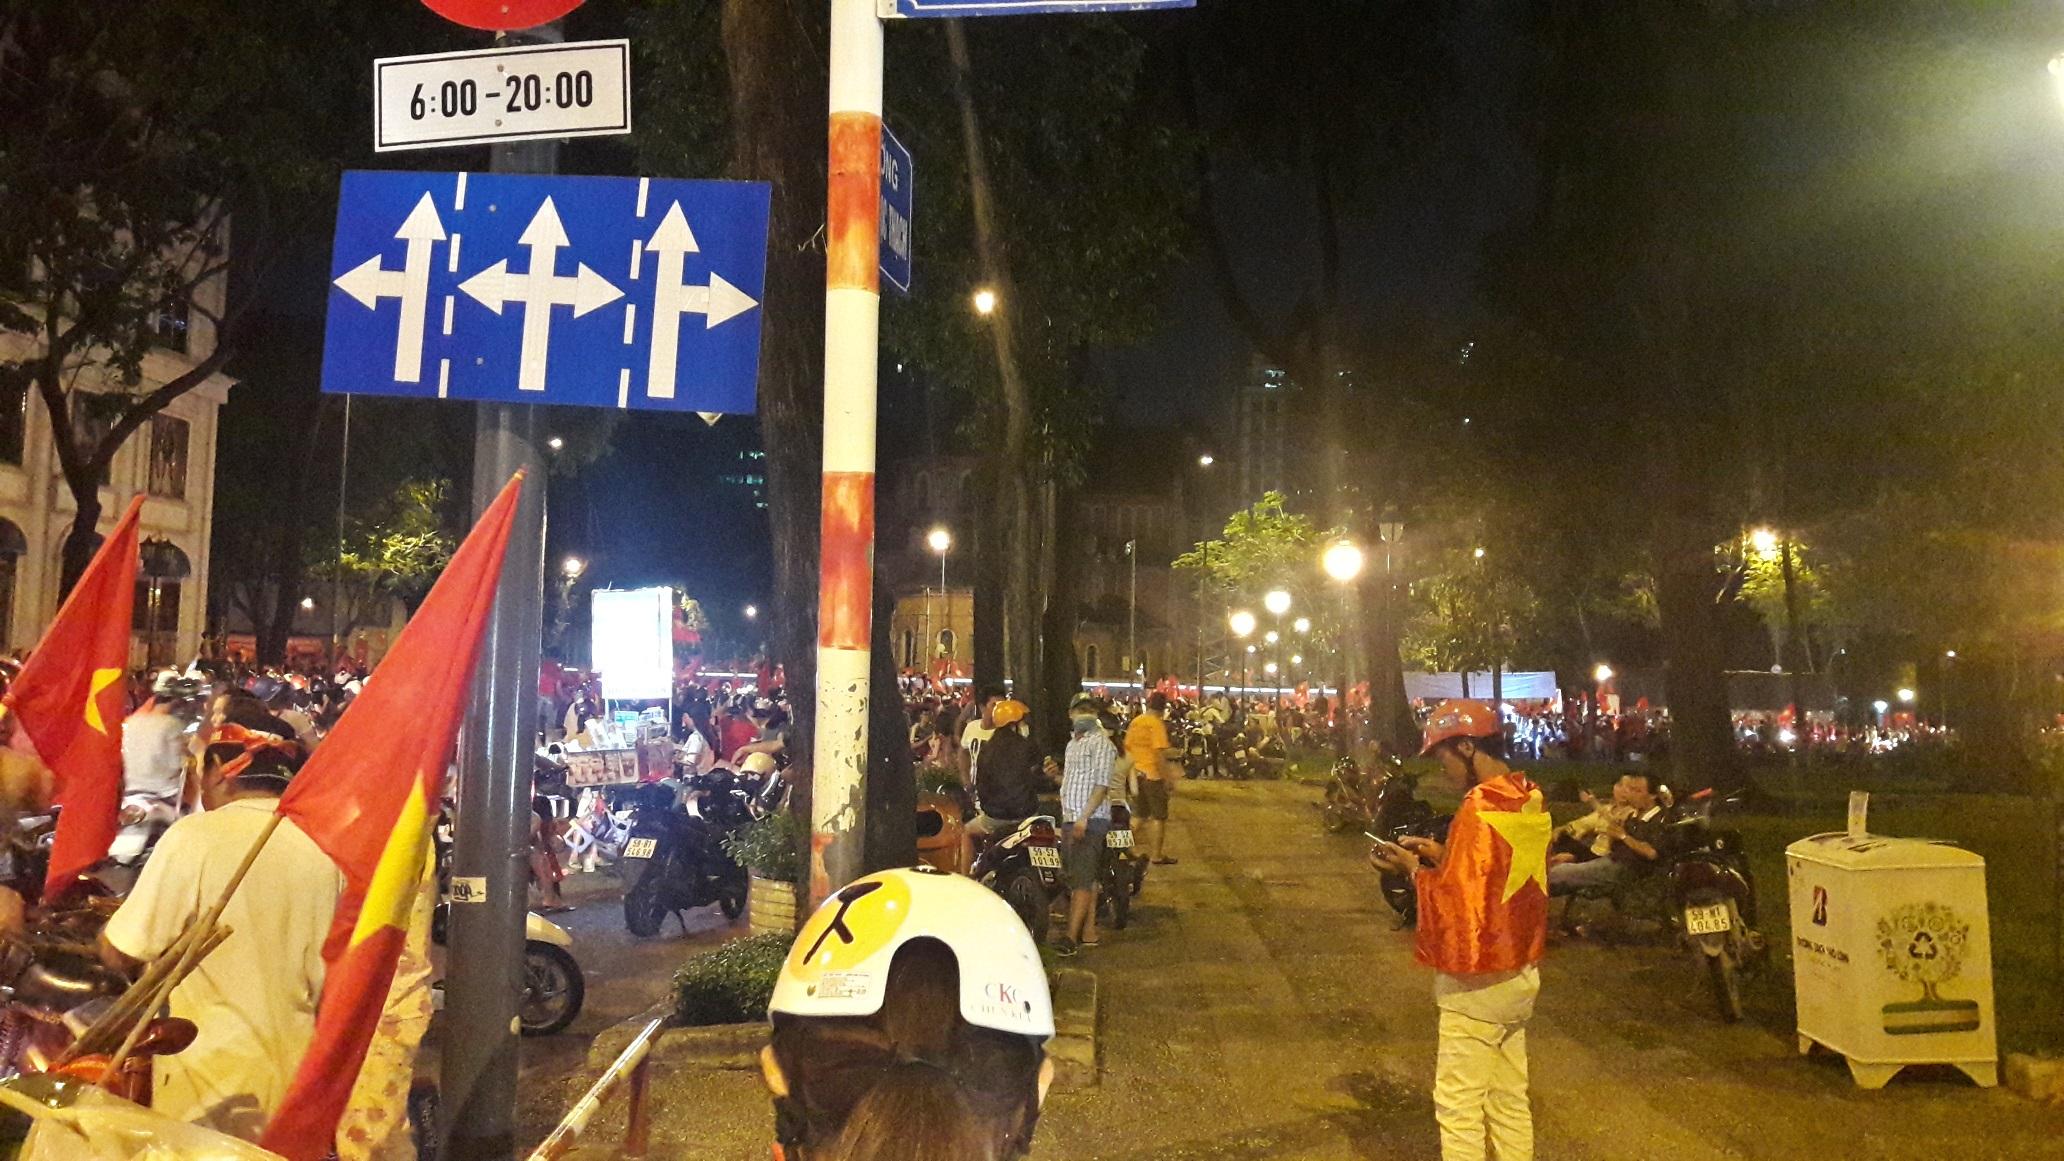 bóng đá, U23, Việt Nam, giành chiến thắng, lịch sử, tin8, hình ảnh, ăn mừng, vinh quang,